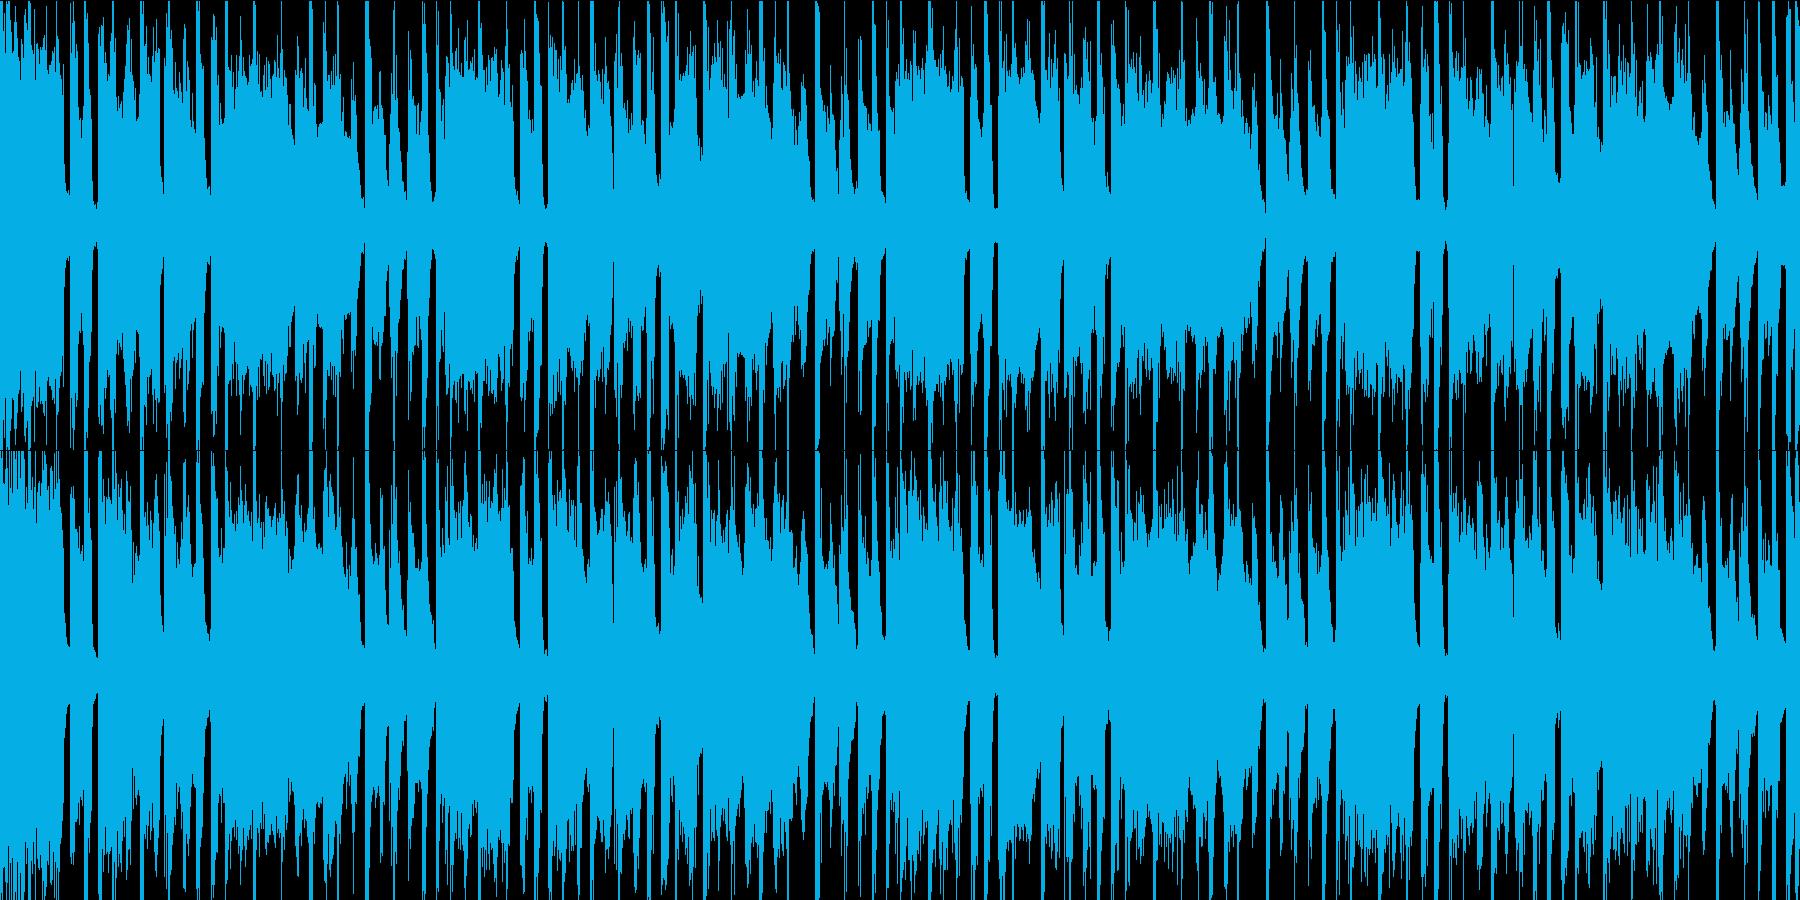 POPで軽快な四つ打ちBGMの再生済みの波形